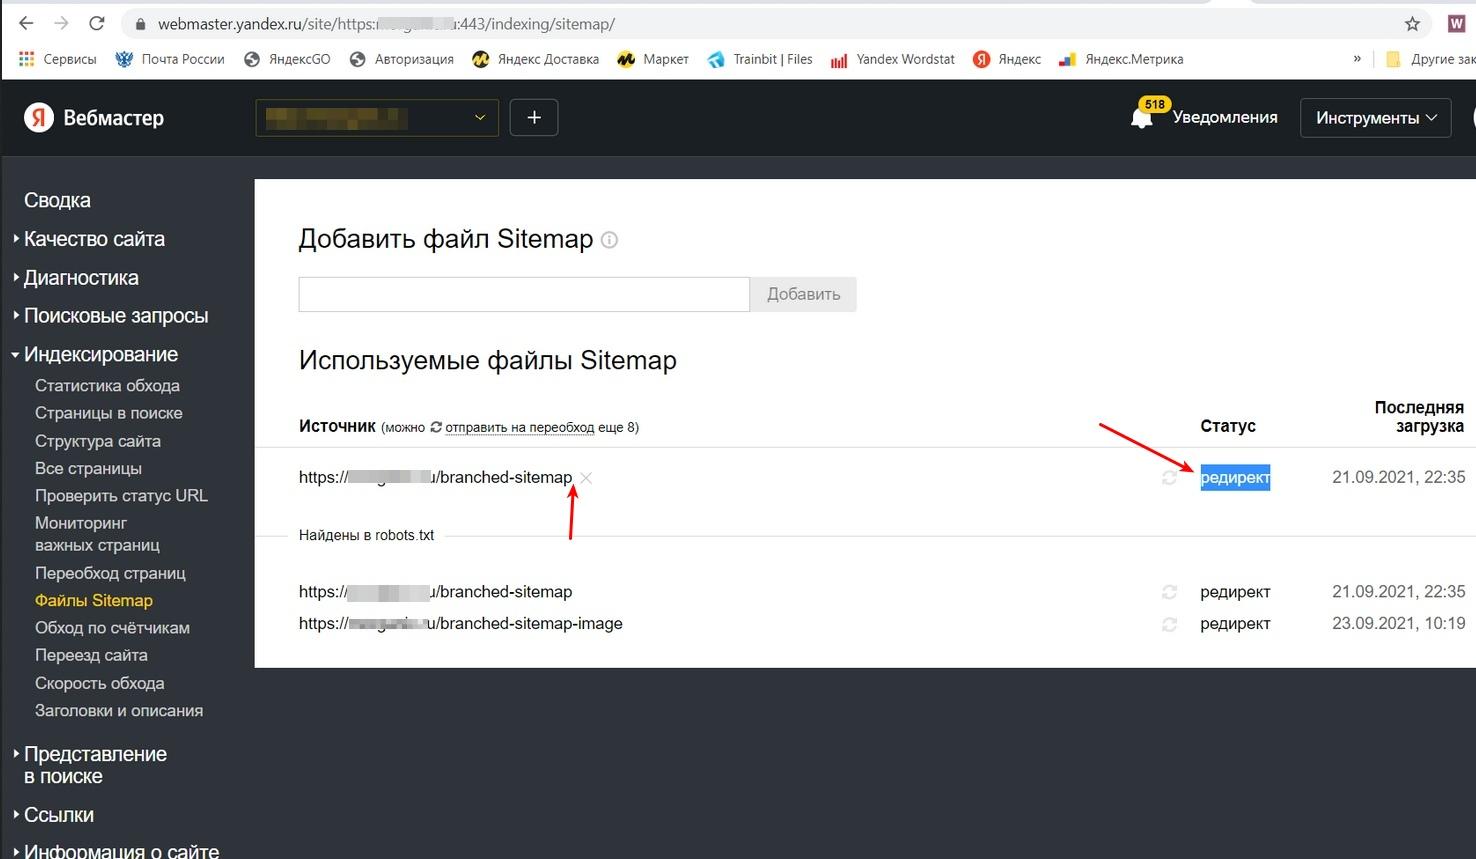 В Яндекс Вебмастер Статус Редирект для карты сайта OpenCart